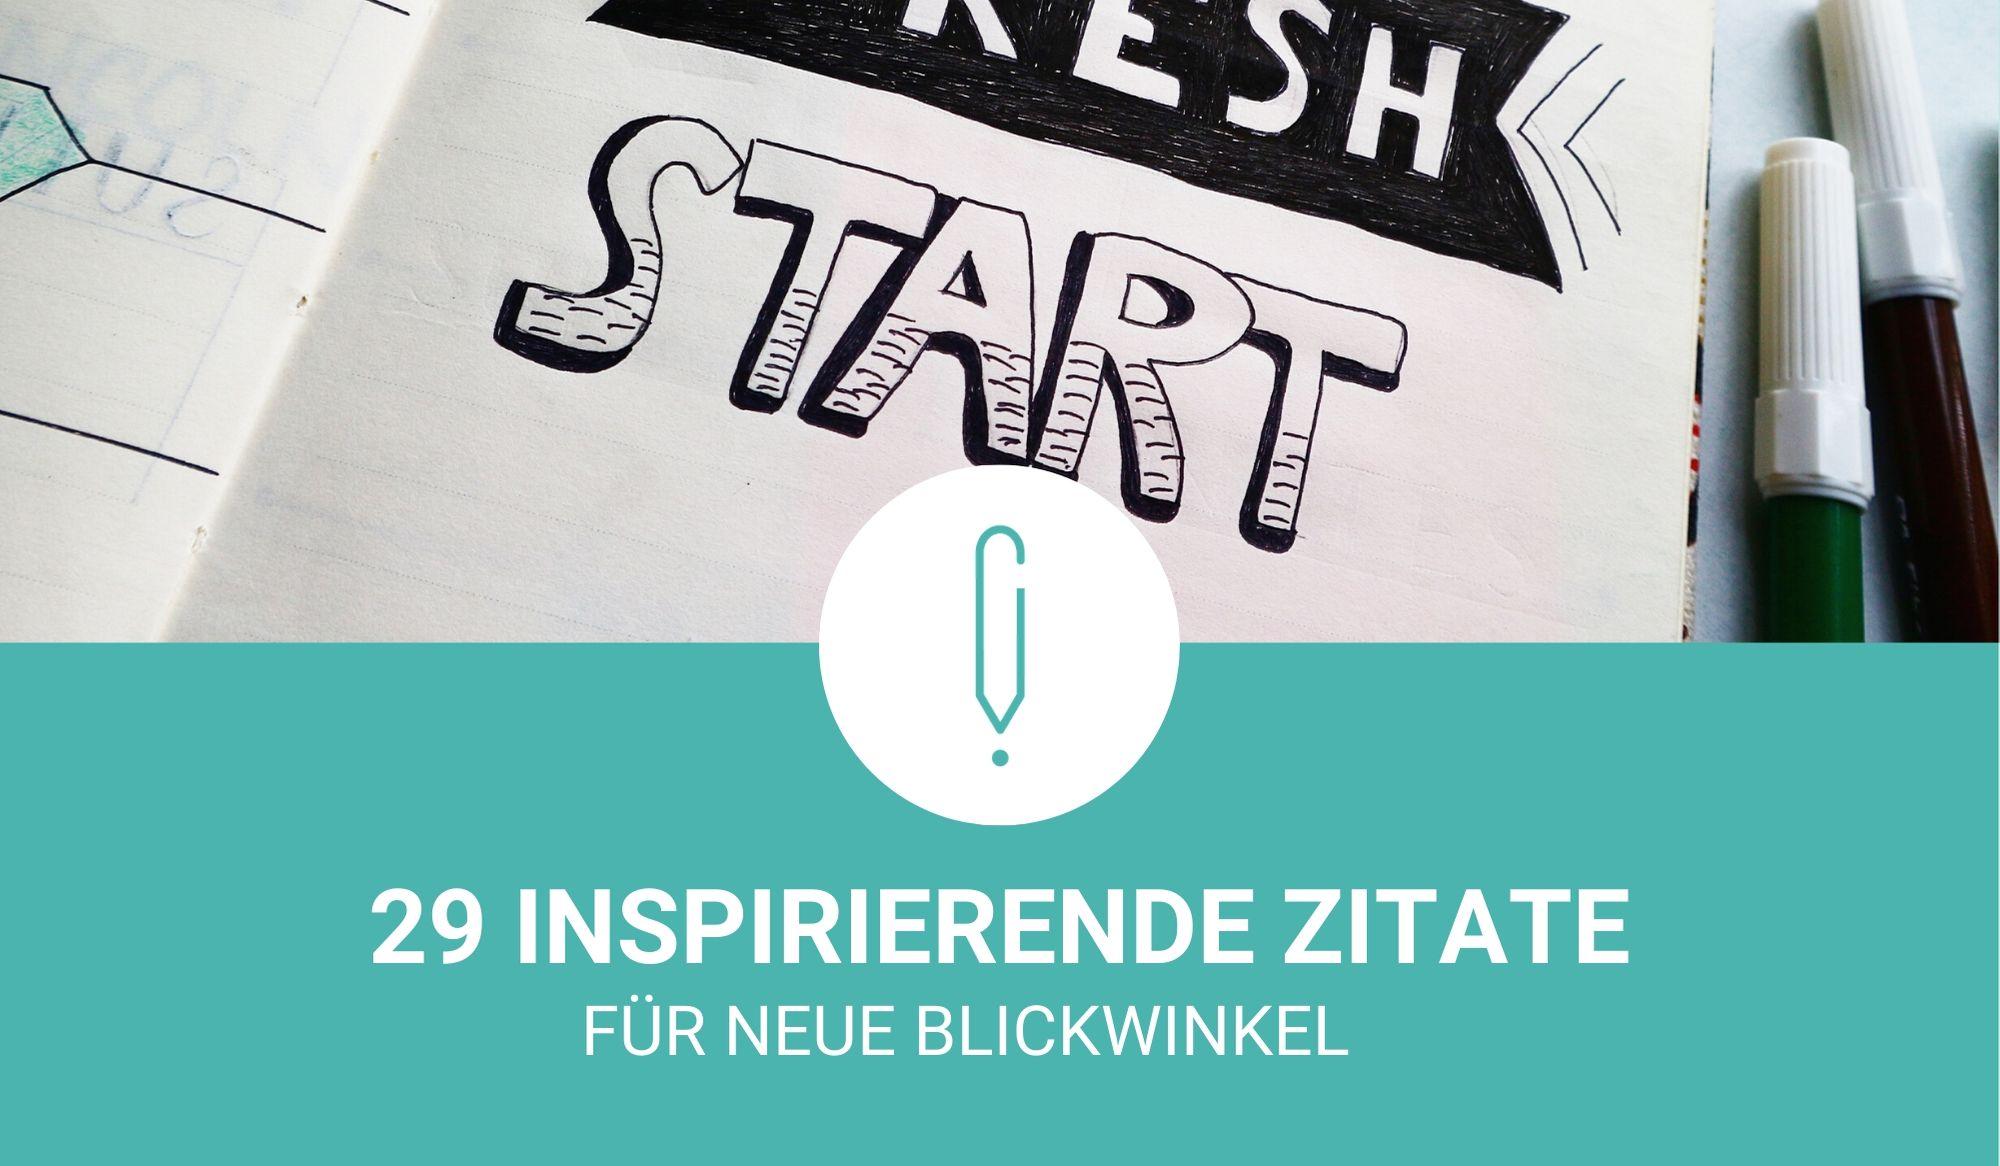 29 inspirierende Zitate